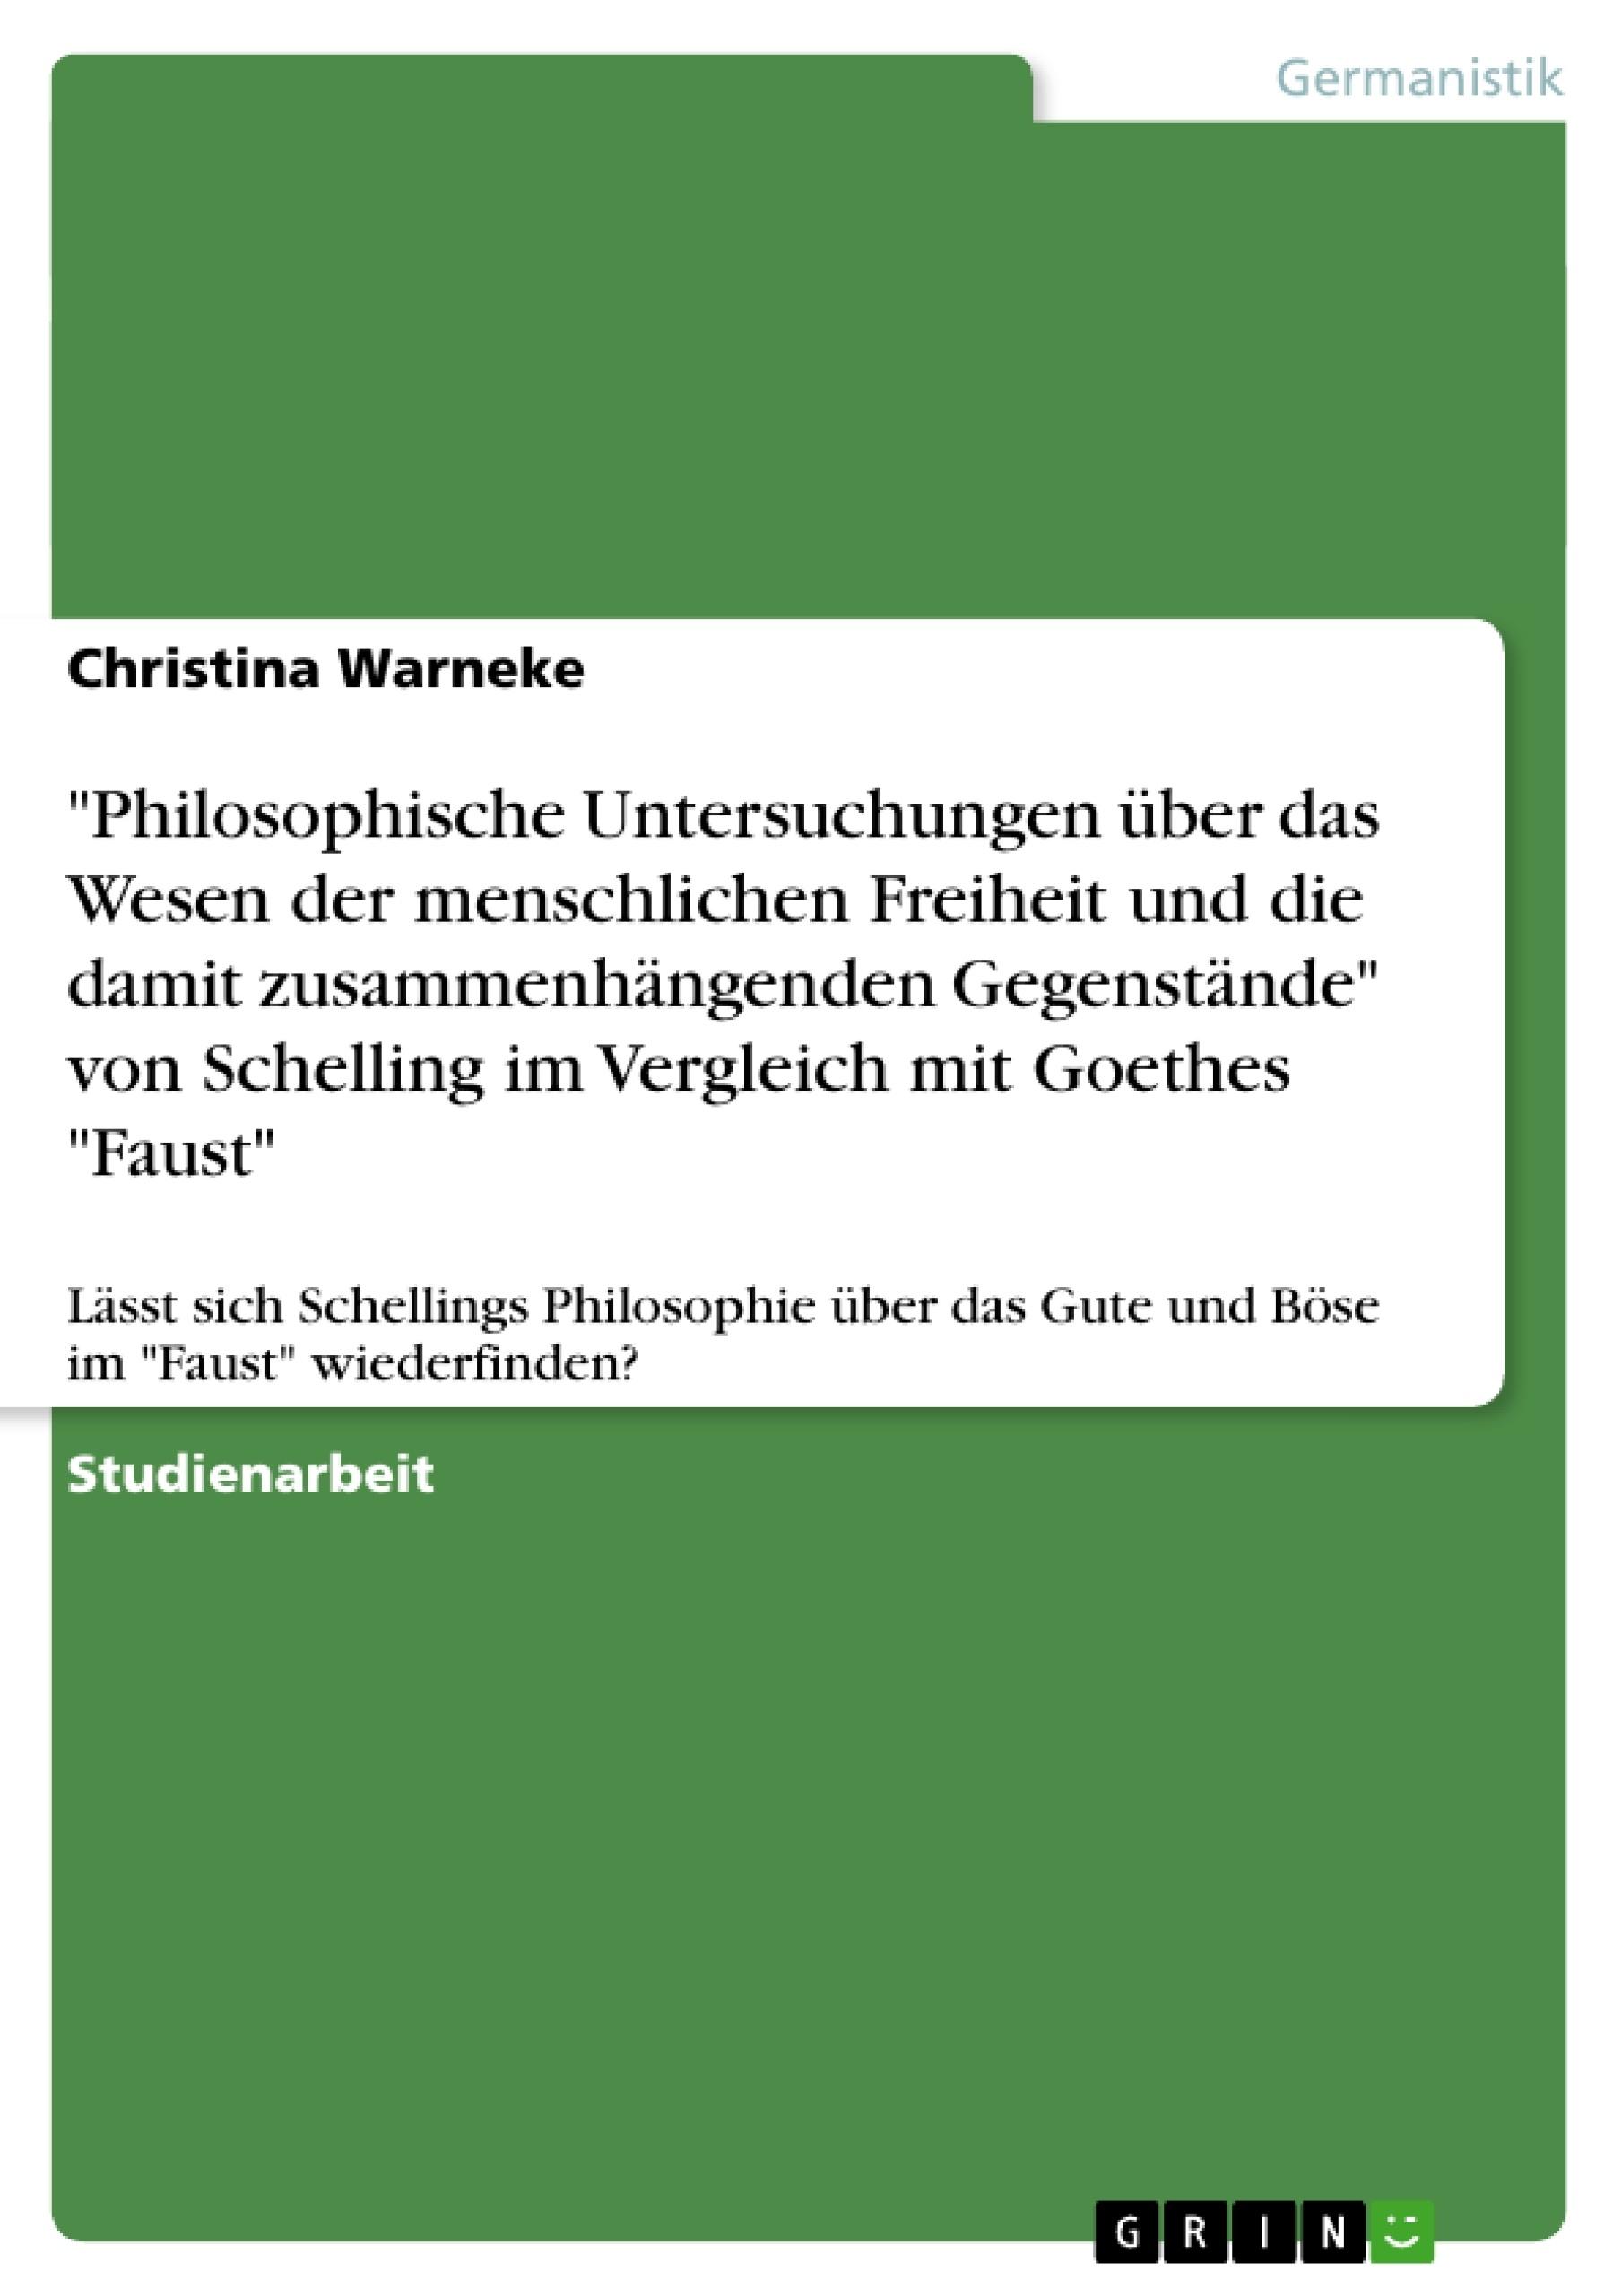 """Titel: """"Philosophische Untersuchungen über das Wesen der menschlichen Freiheit und die damit zusammenhängenden Gegenstände"""" von Schelling im Vergleich mit Goethes """"Faust"""""""